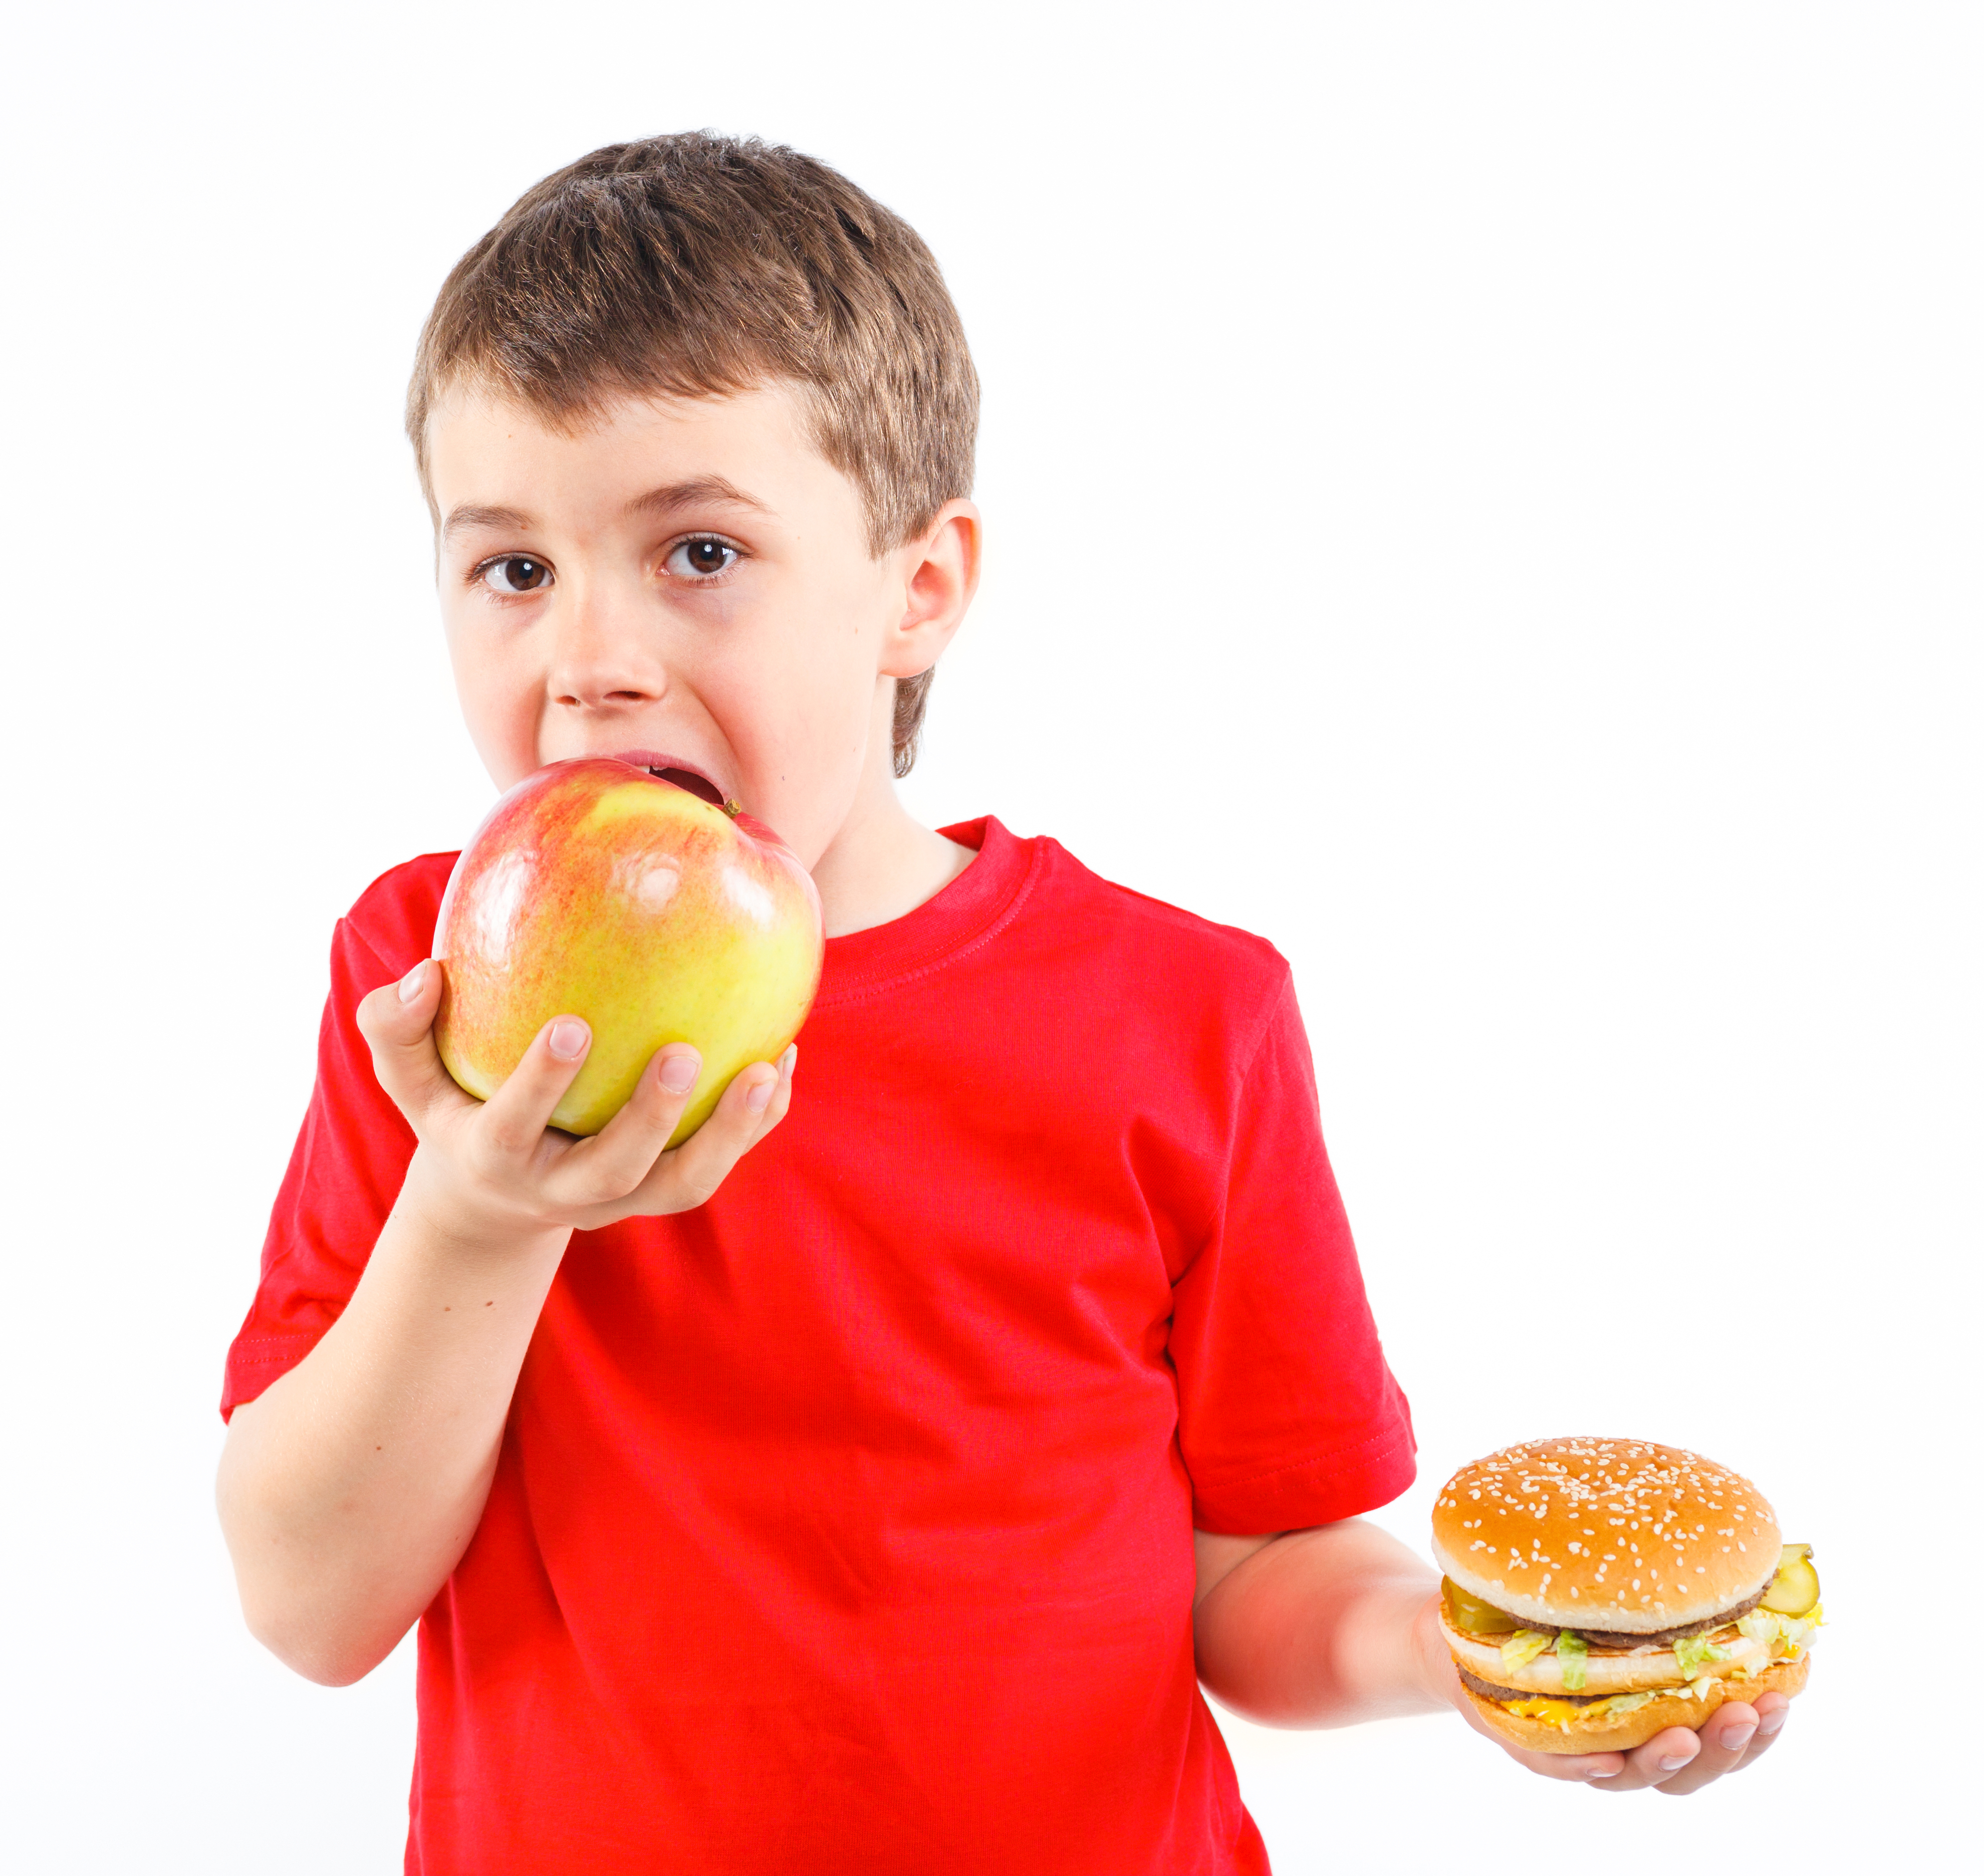 kid choosing fruit